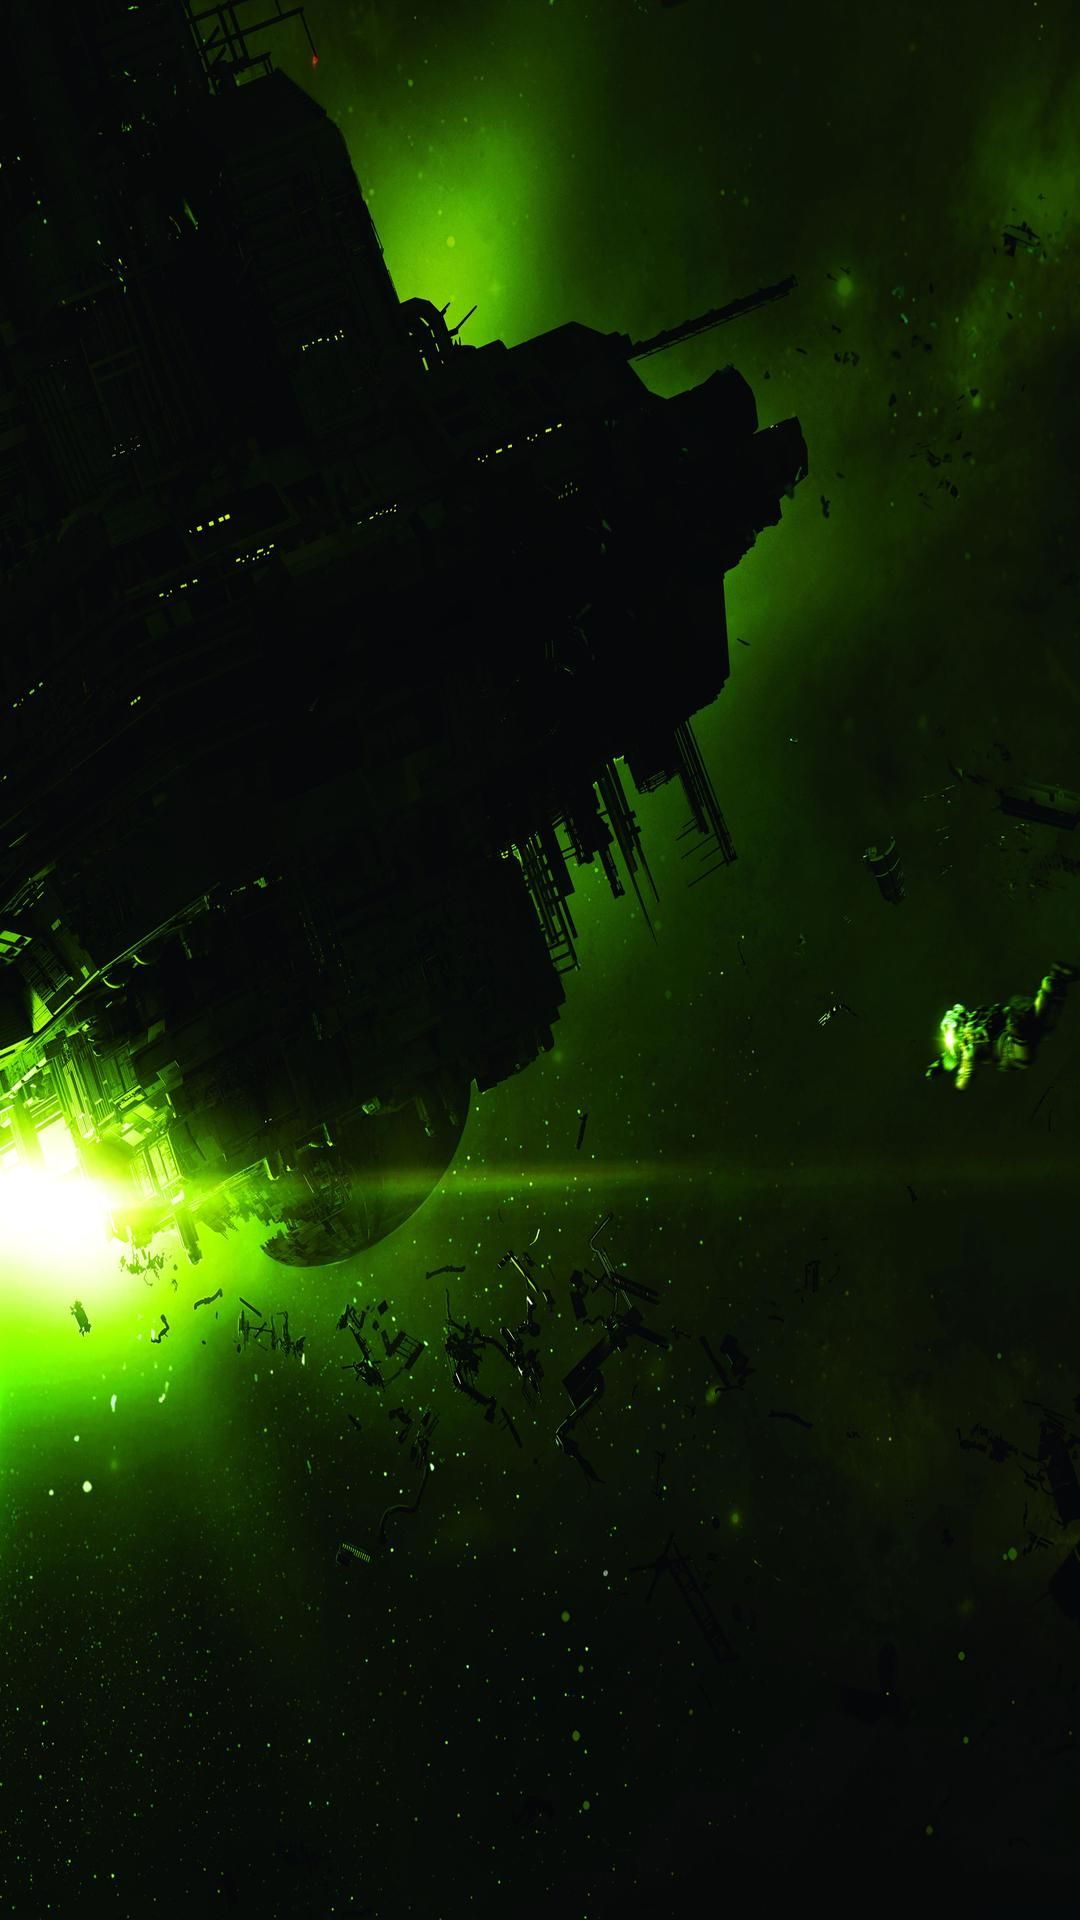 Alien iPhone Wallpapers - Top Free Alien iPhone ...  Alien iPhone Wa...